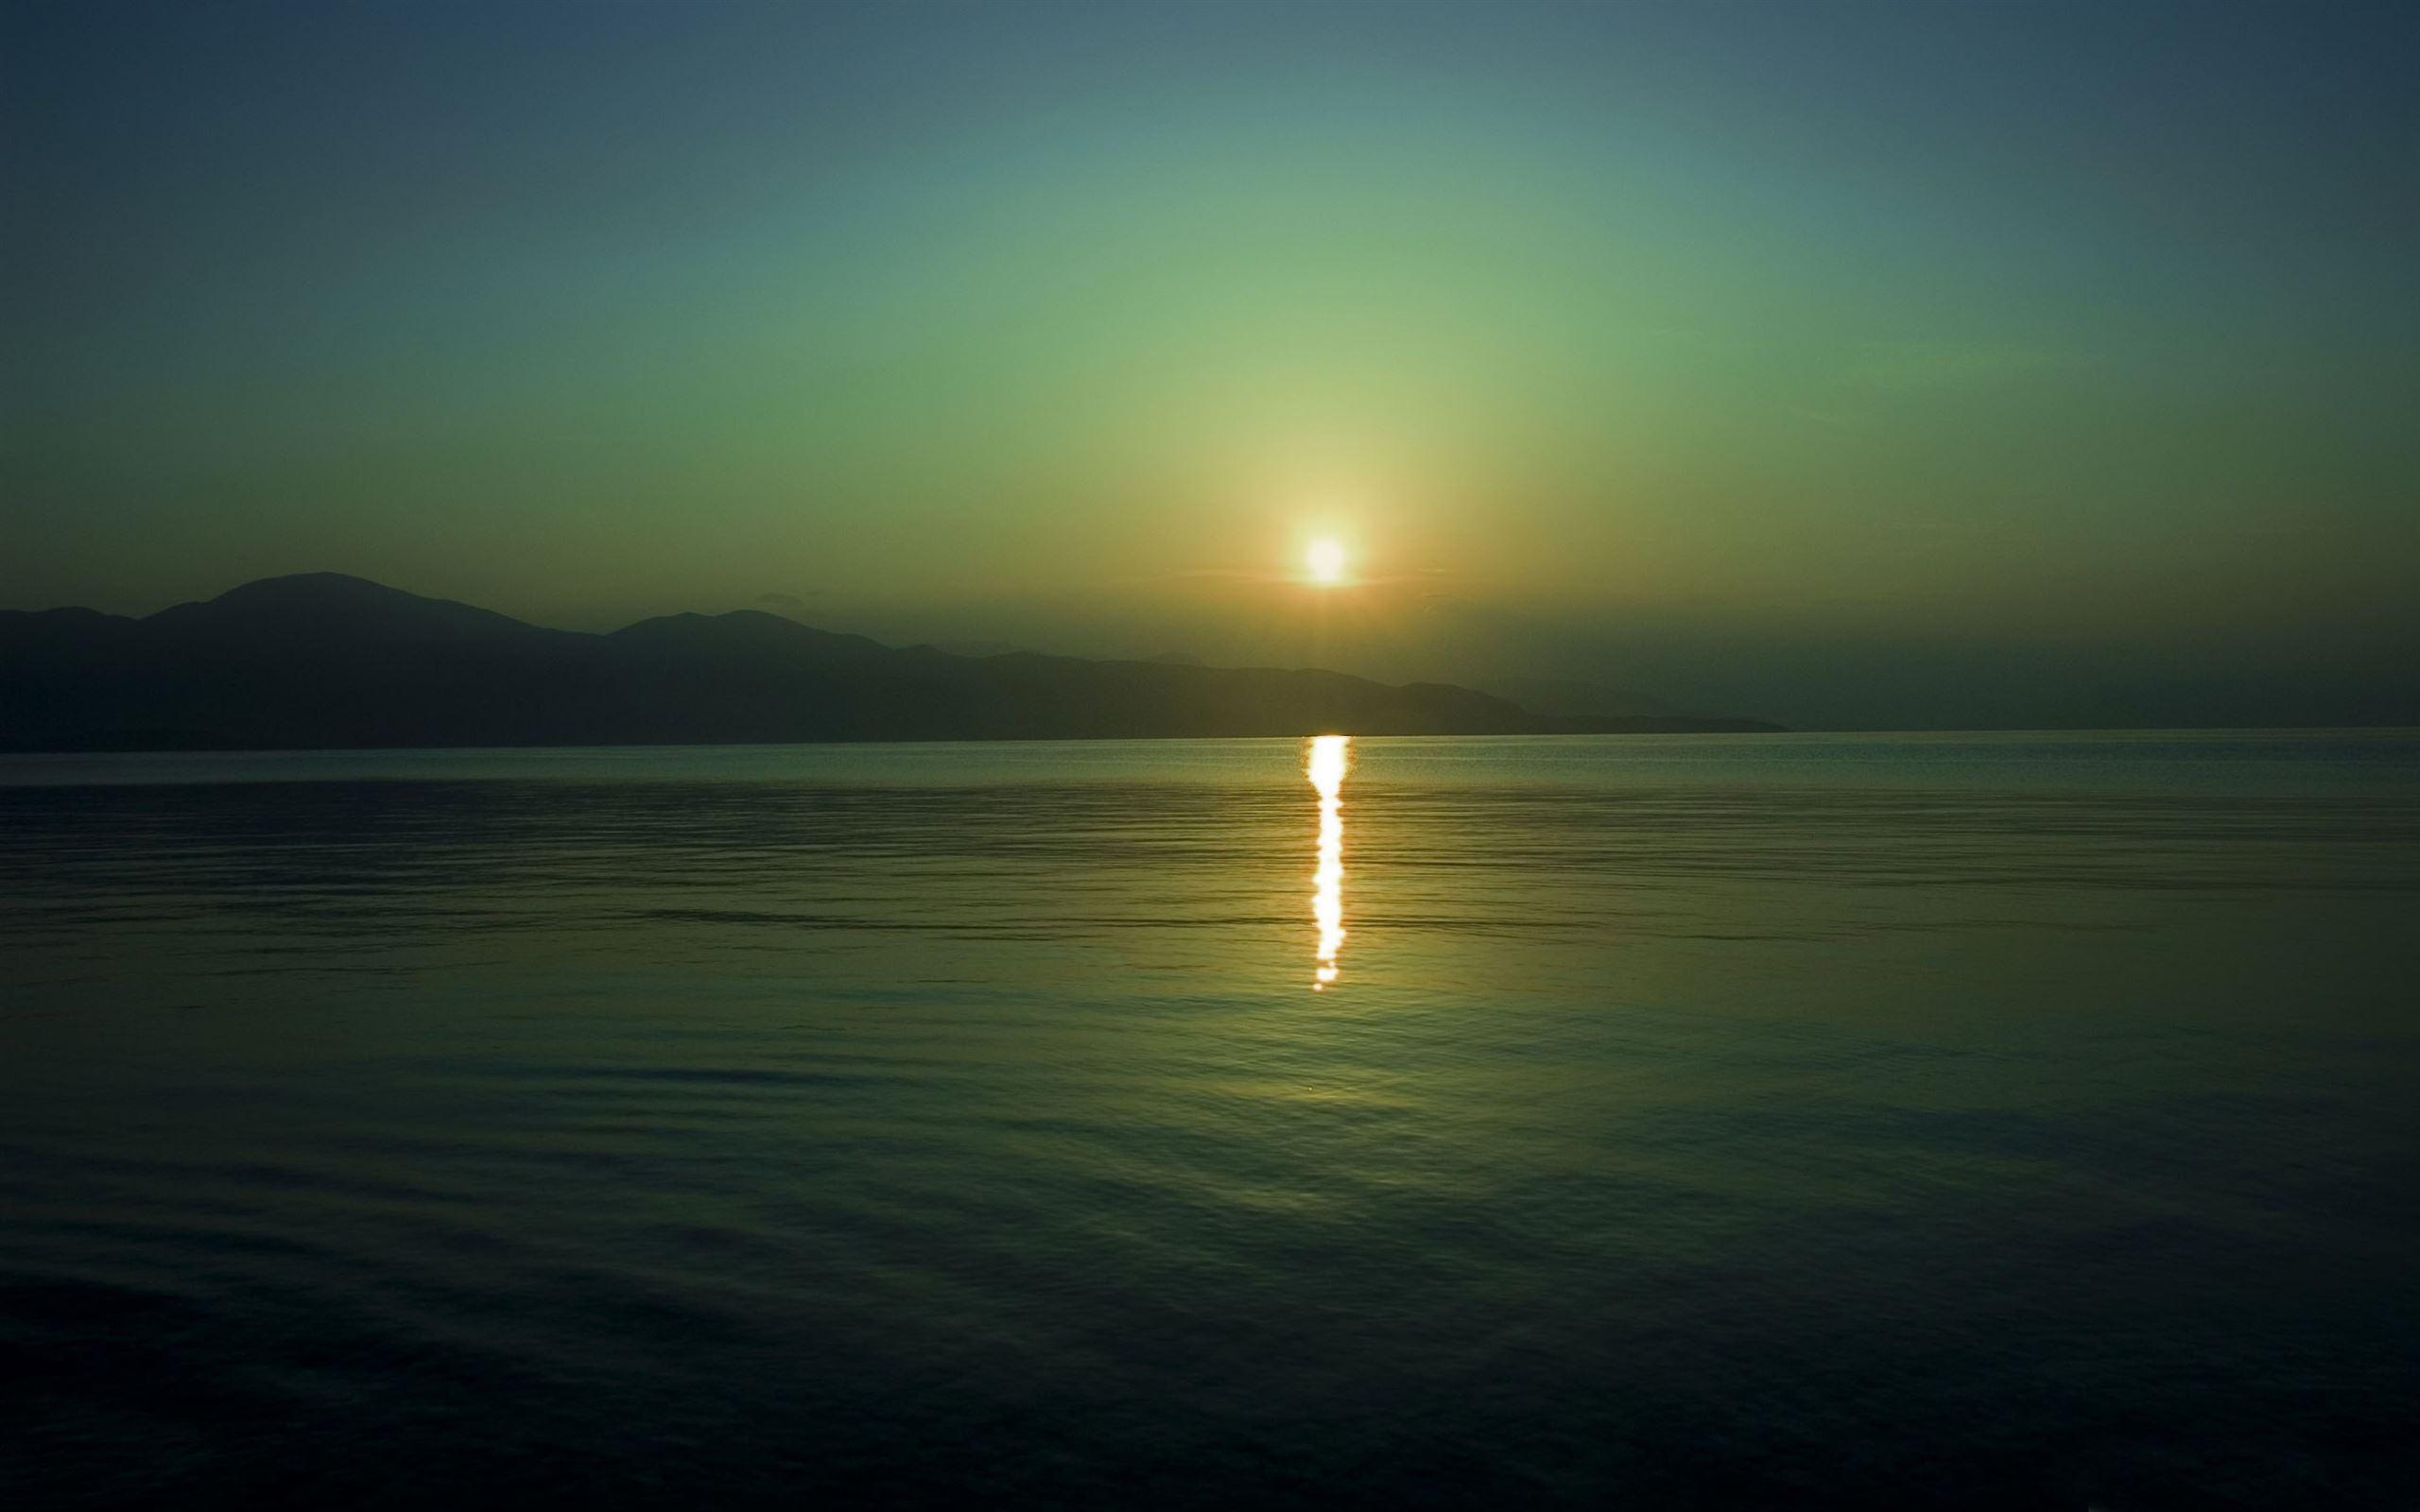 Sun reflection sunset Mac Wallpaper Download | AllMacWallpaper